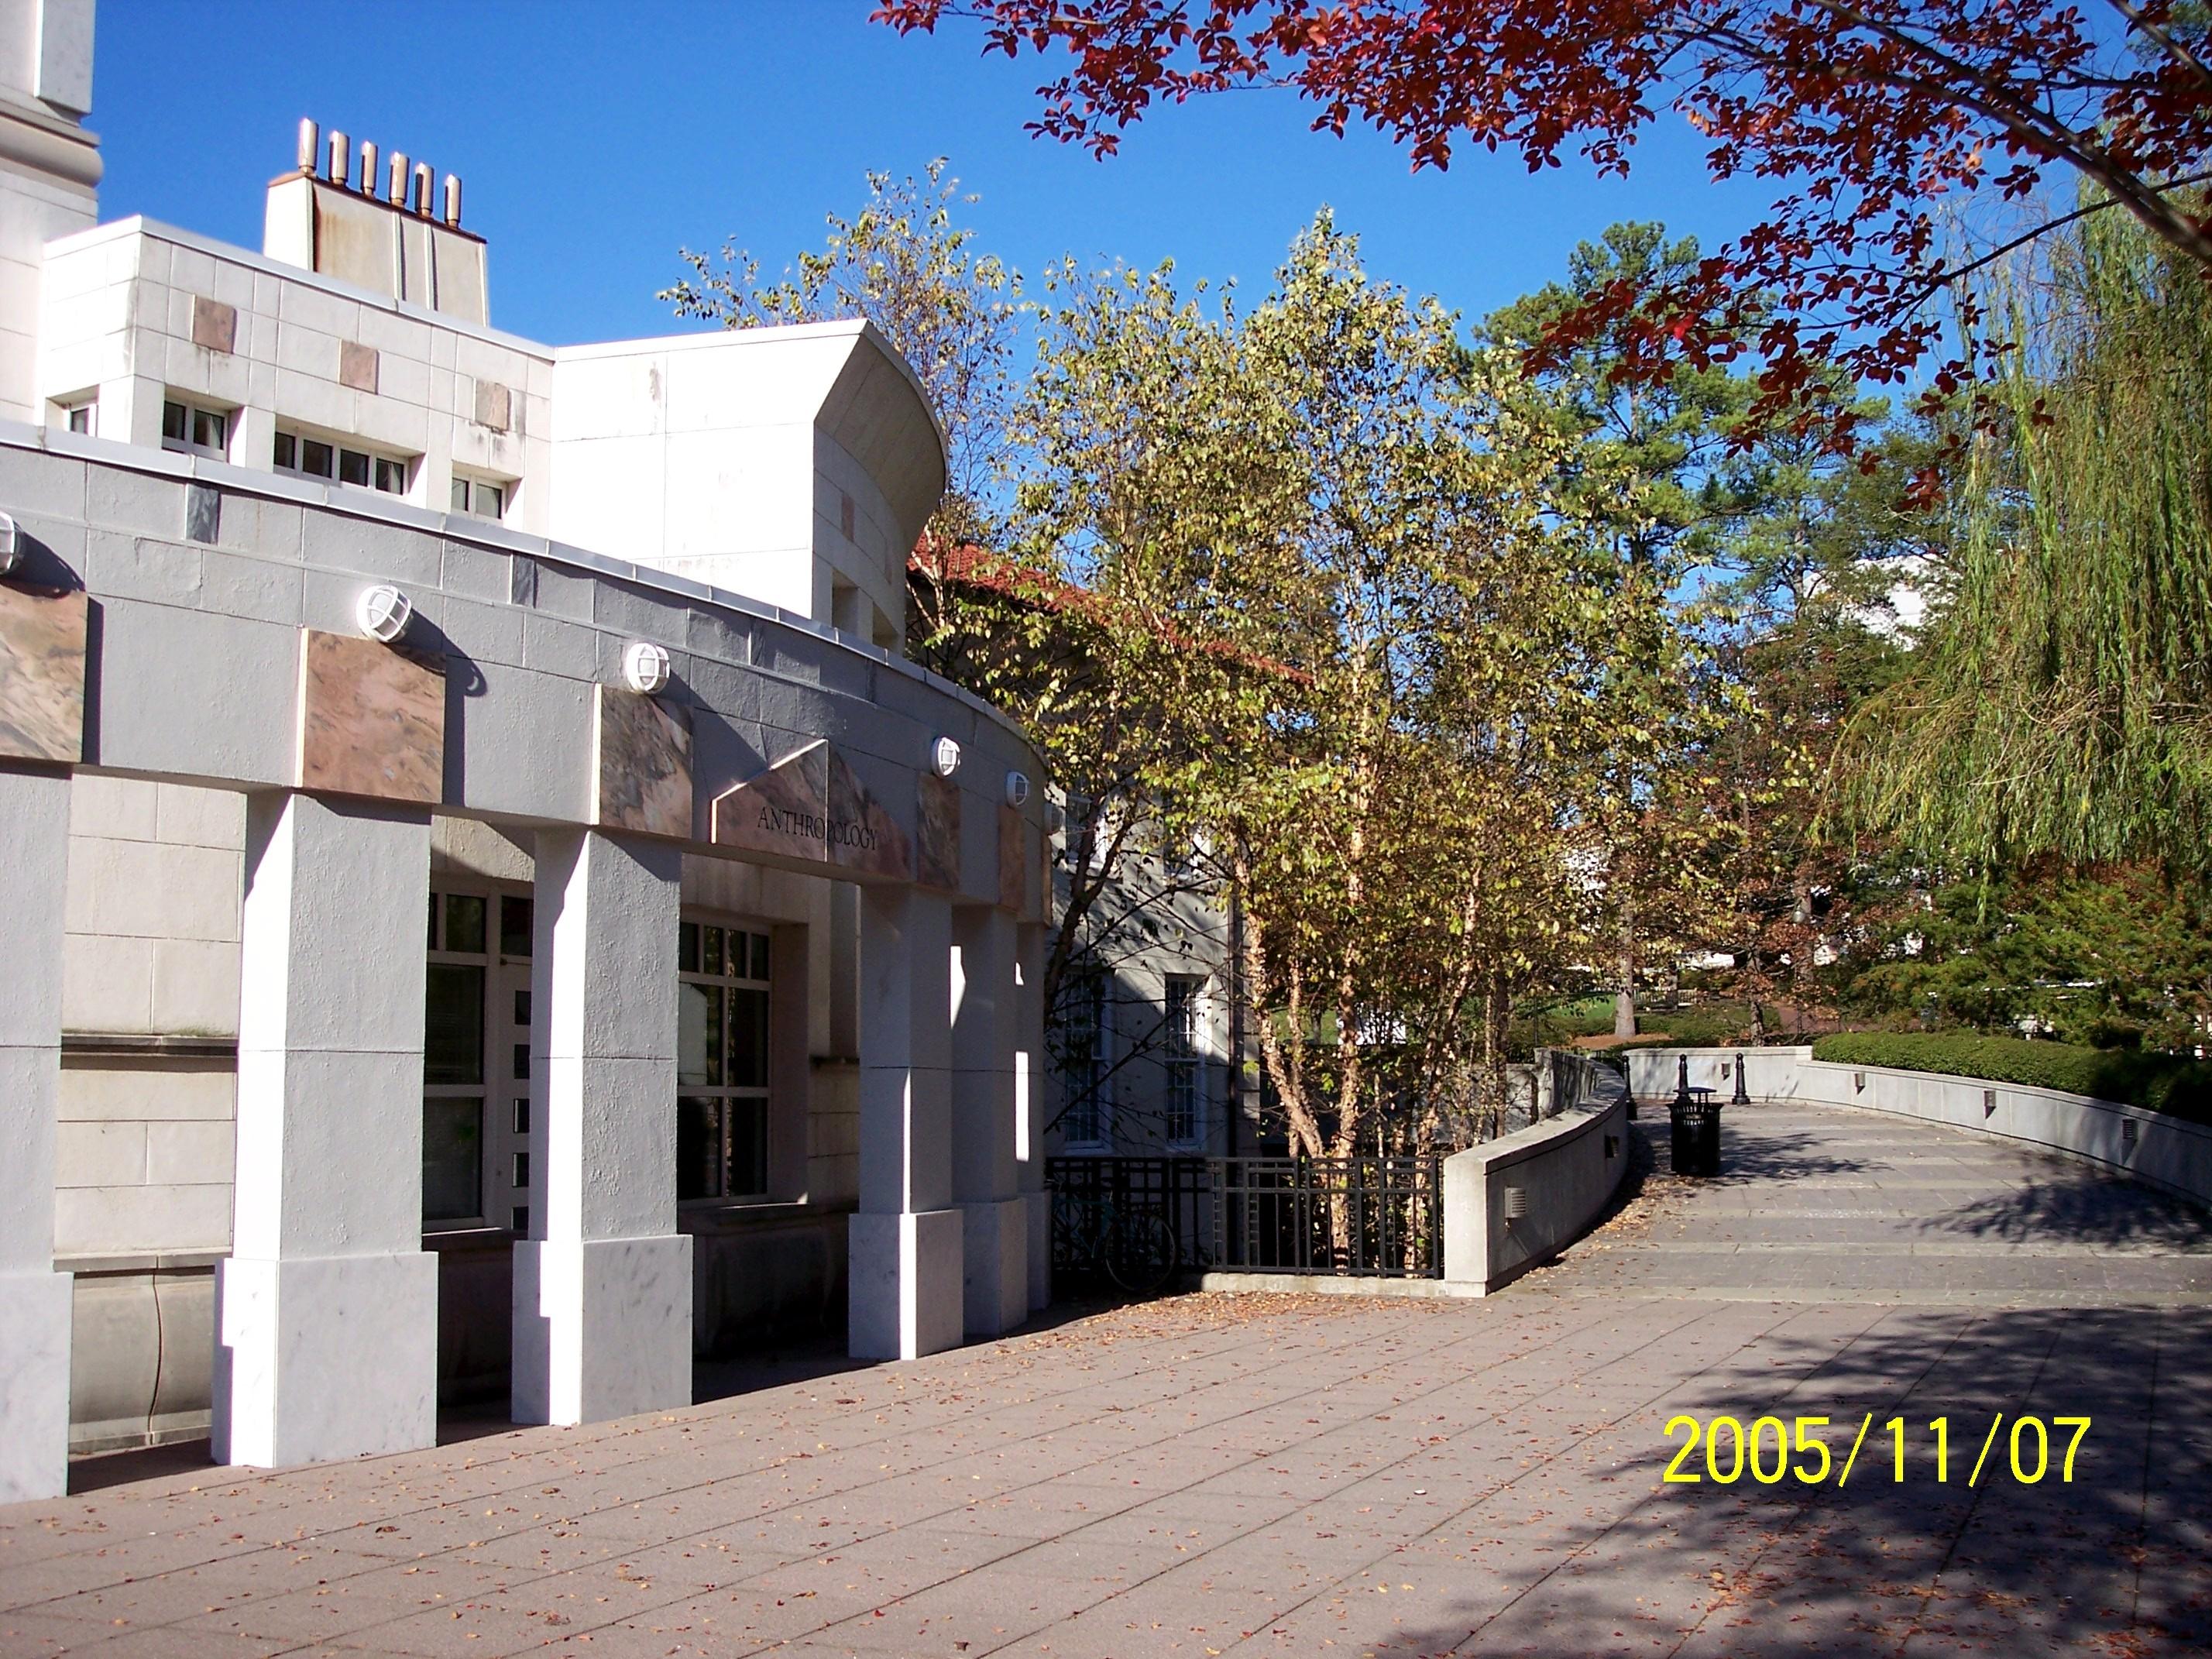 image of Emory University